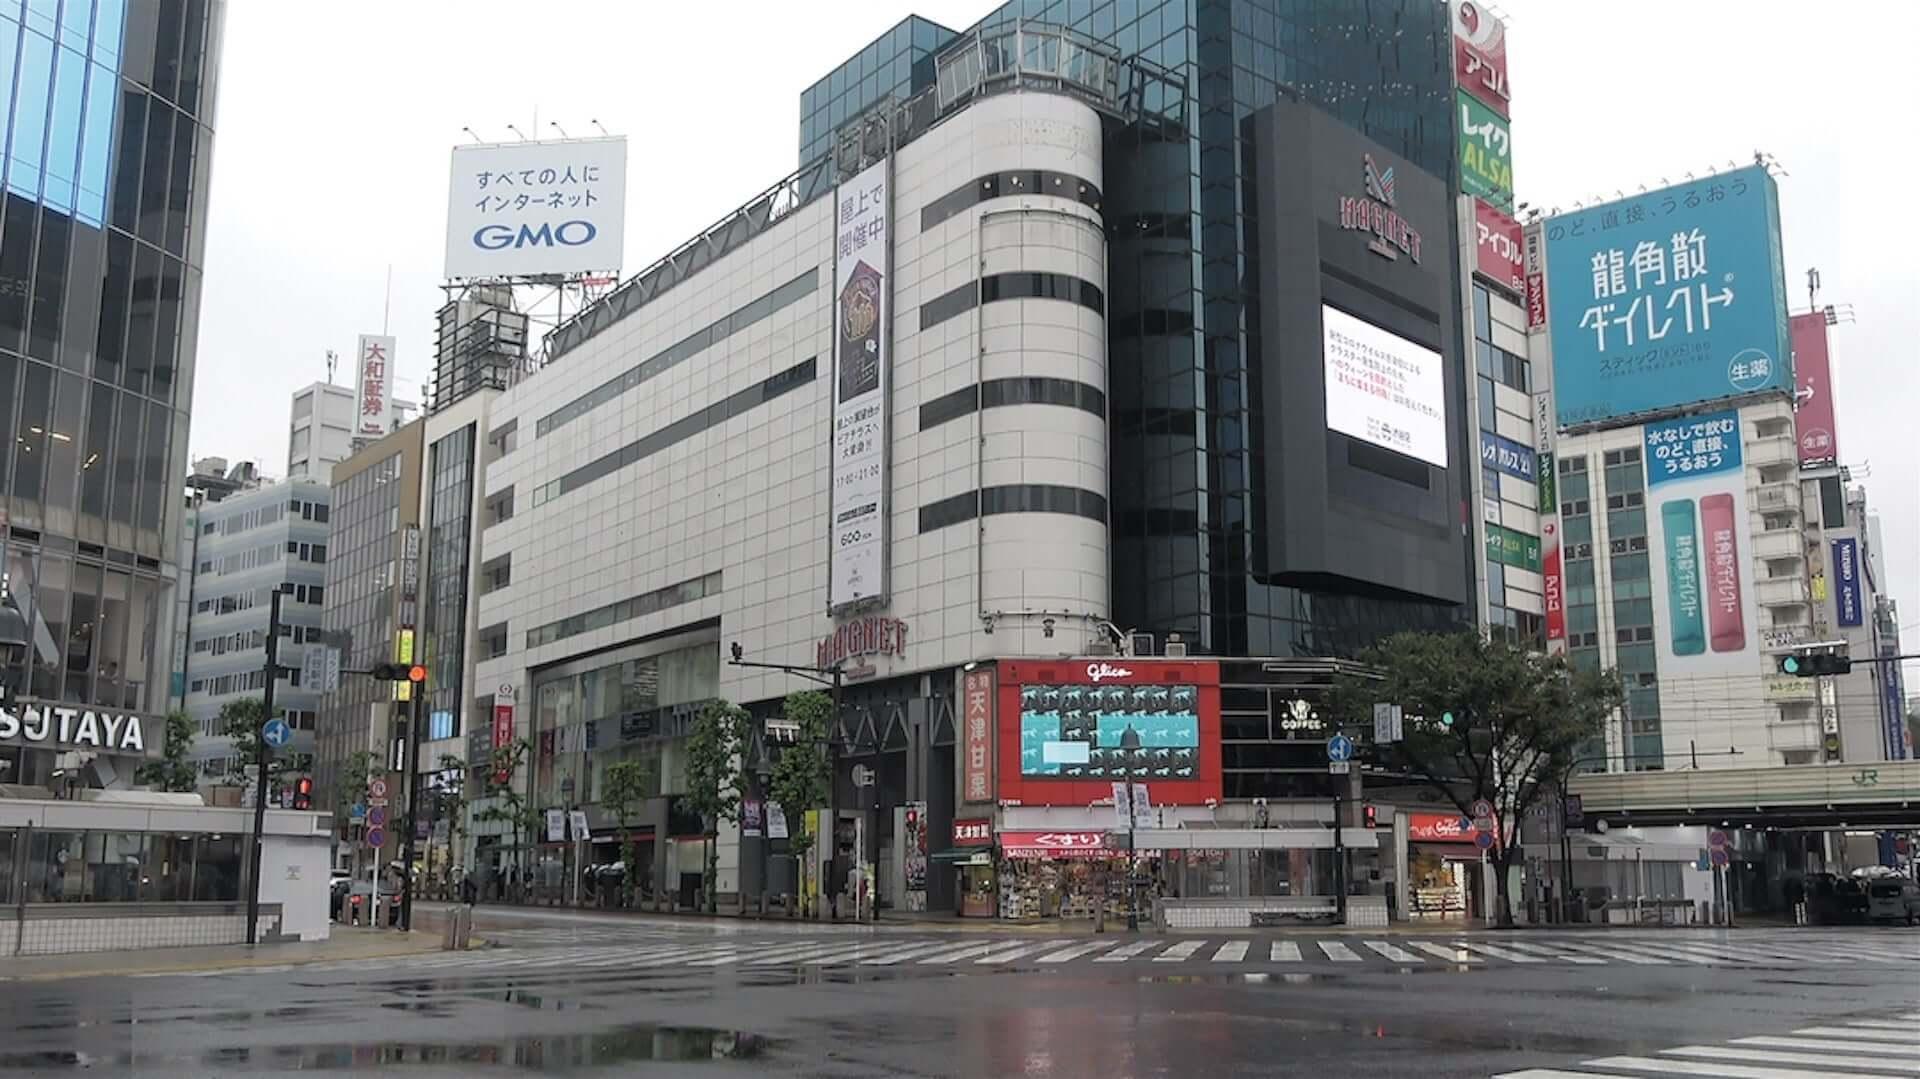 東京藝術大学大学院映像研究科メディア映像専攻の成果発表会が開催決定!インスタレーションや映像作品など多数展示 art210112_mediapractice_3-1920x1079